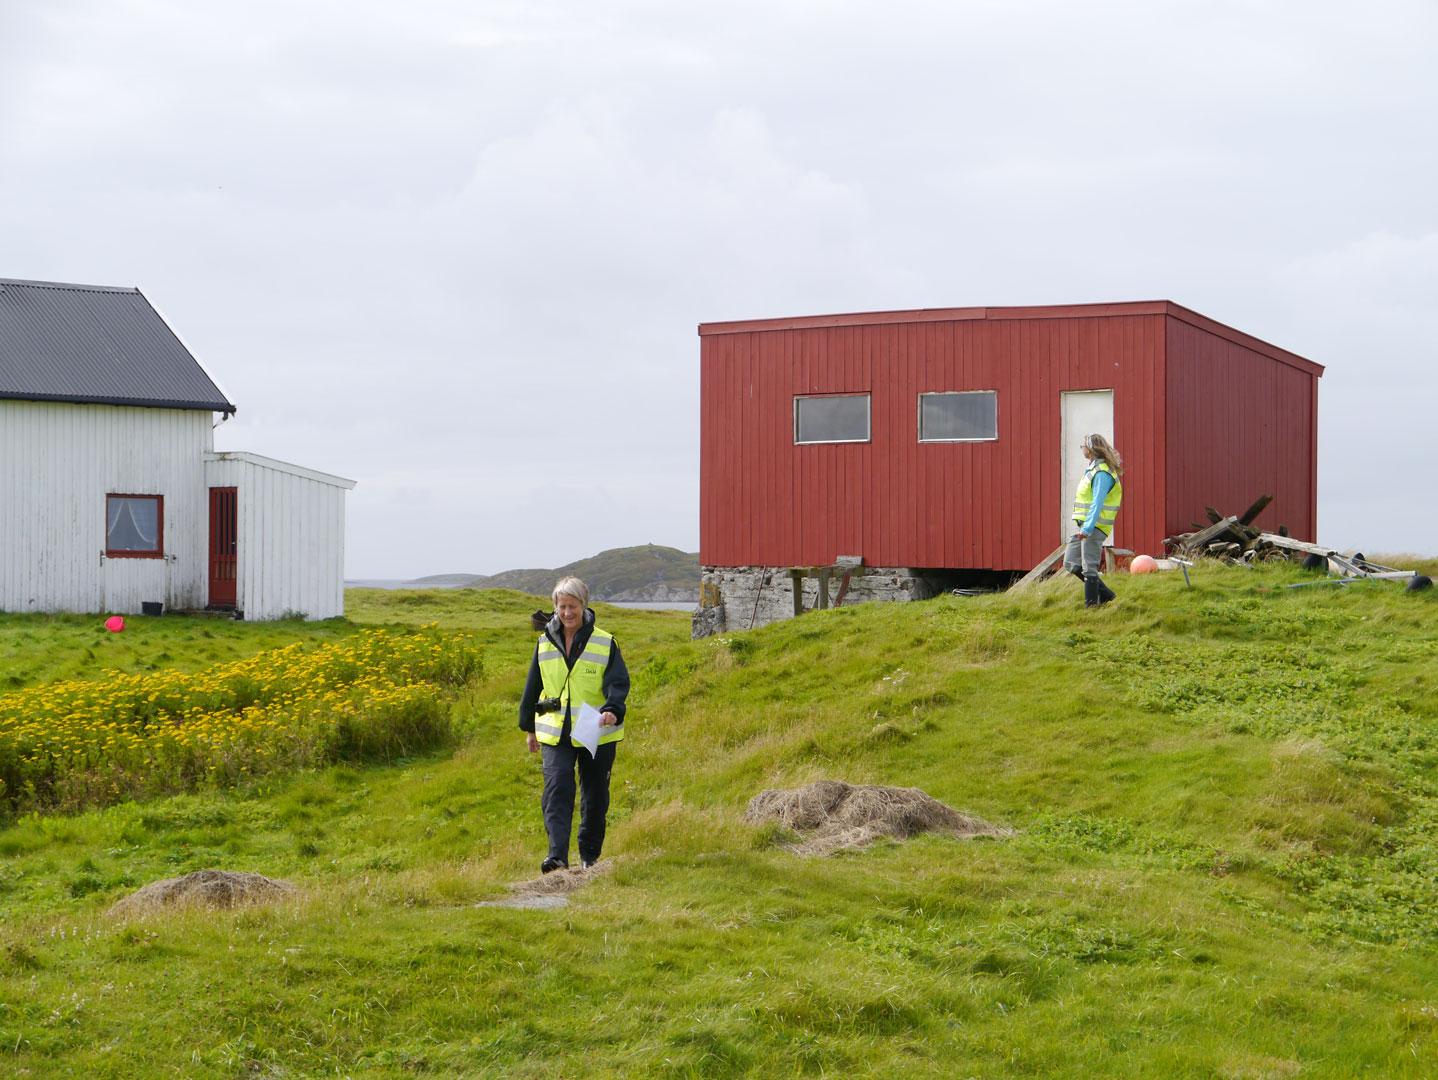 Kontrollregistrering av kulturminner på Hysvær i Vega kommune. Arbeidet var en del av programmet for overvåking av SEFRAK-bygninger «Gamle hus da og nå». Foto: K. Fageraas/NIKU 2013